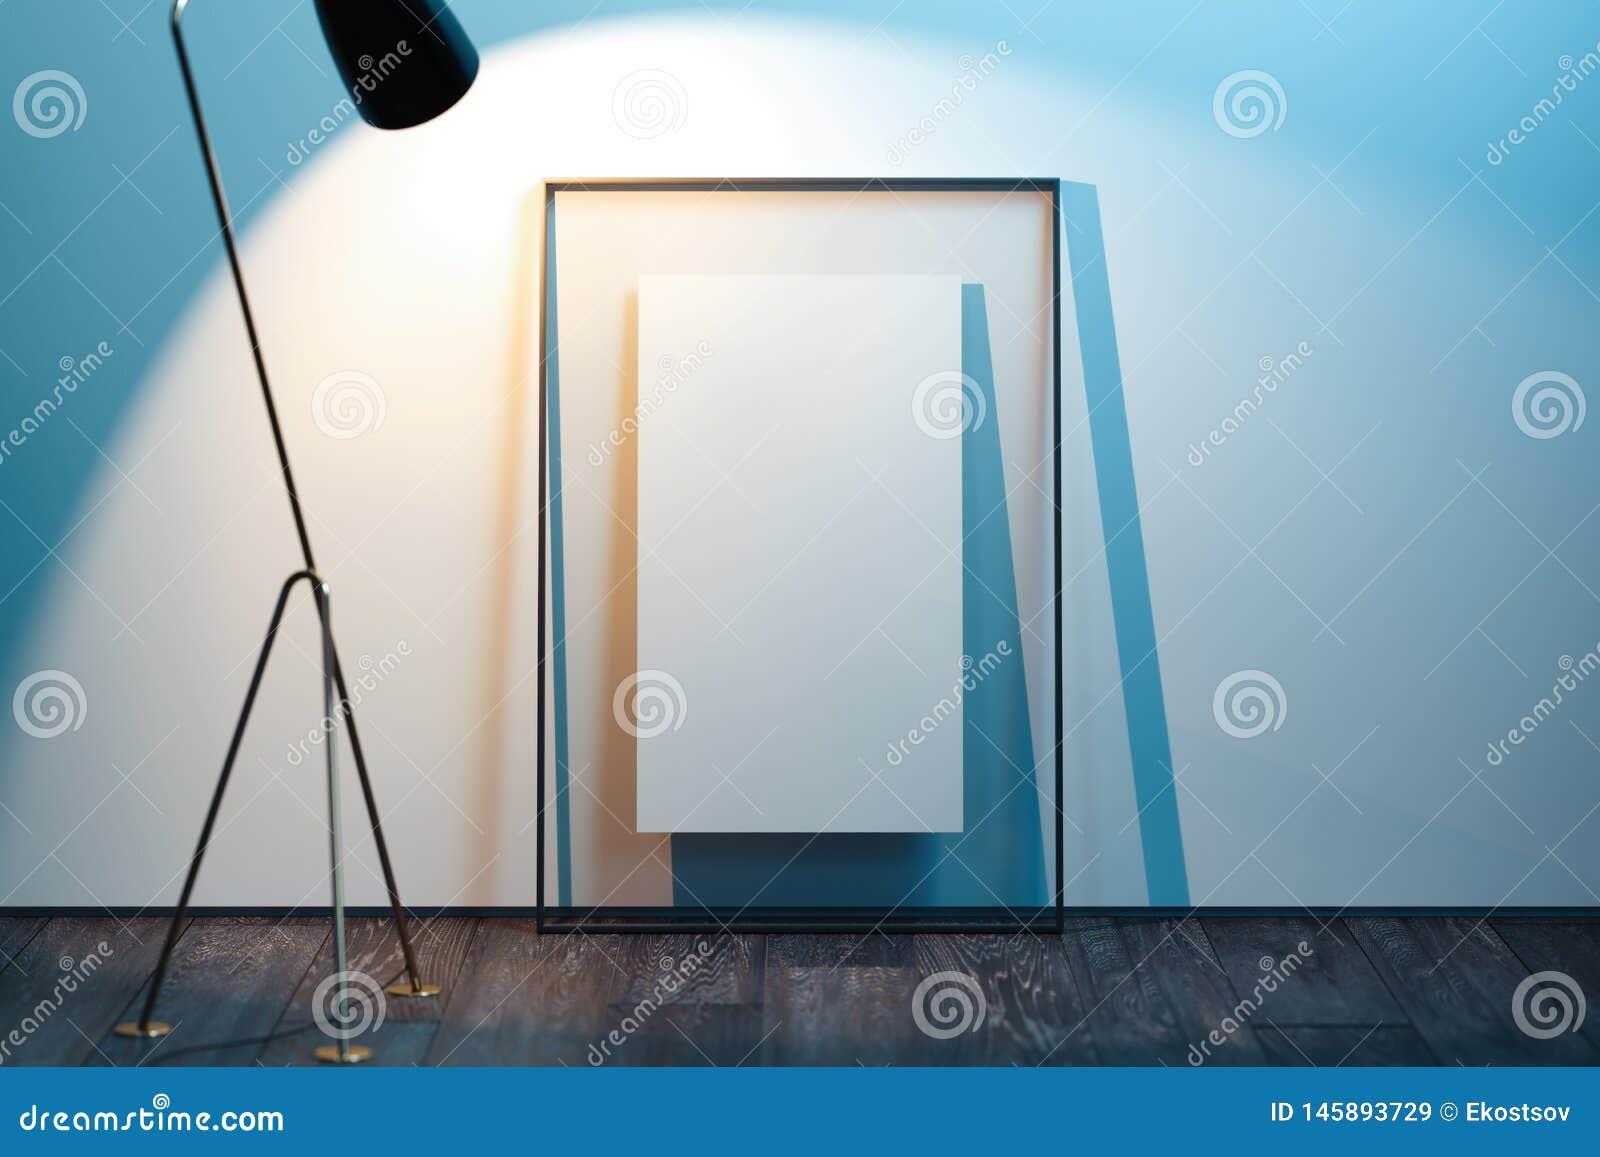 Transparenter Fotorahmen mit leerem Plakat nahe bei hellen W?nden, Wiedergabe 3d